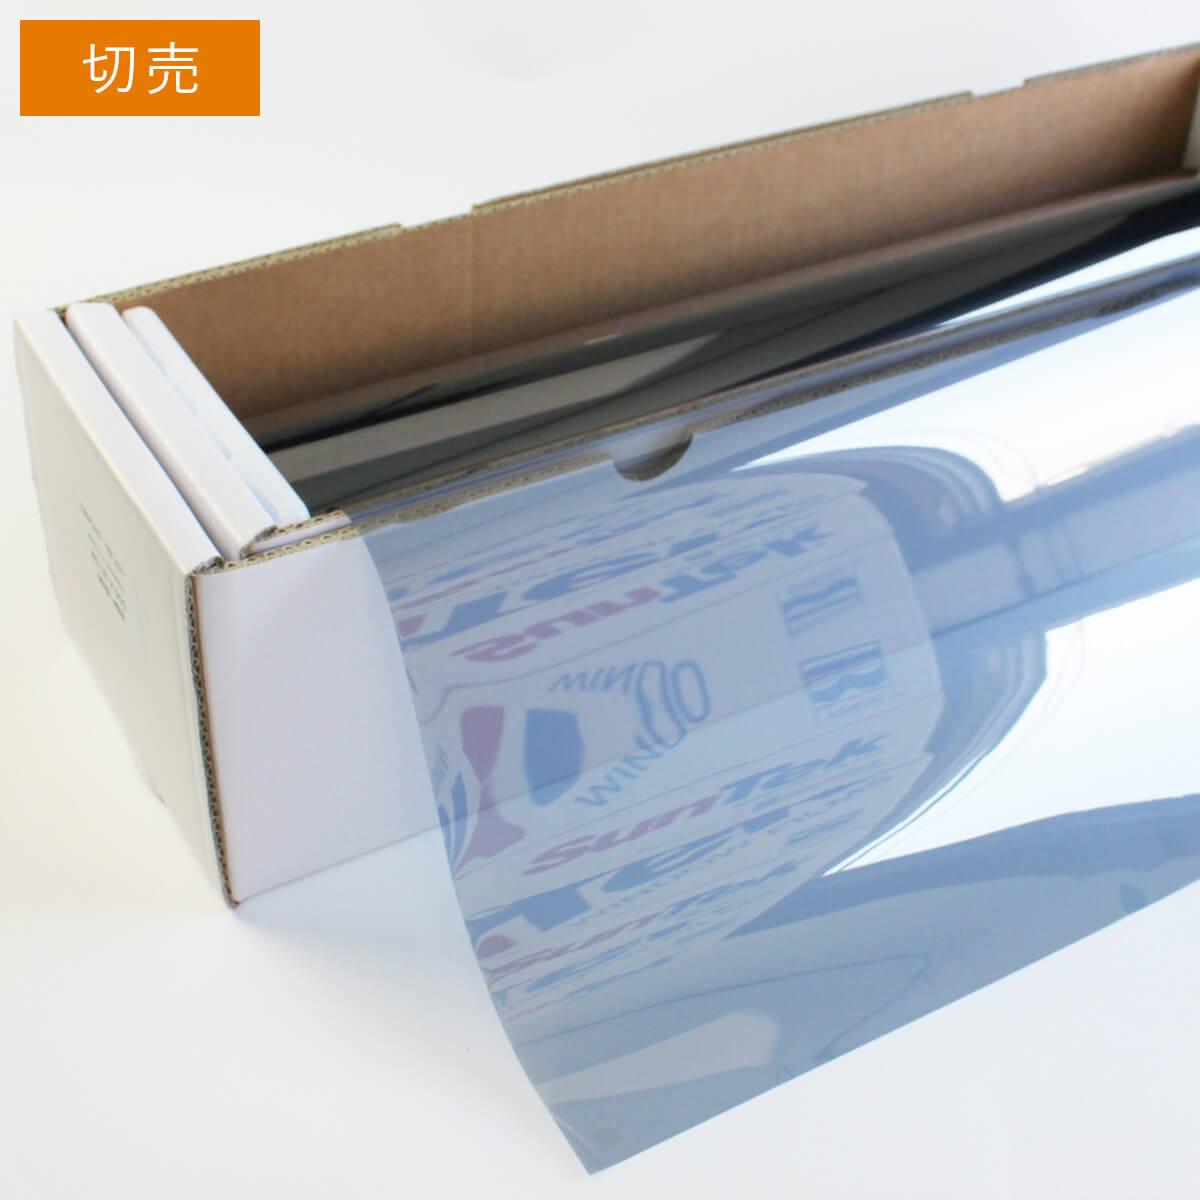 カーフィルム 窓ガラスフィルムスパッタシルバー50 1m幅×長さ1m単位切売 遮熱フィルム 断熱フィルム UVカットフィルム ブレインテック Braintec